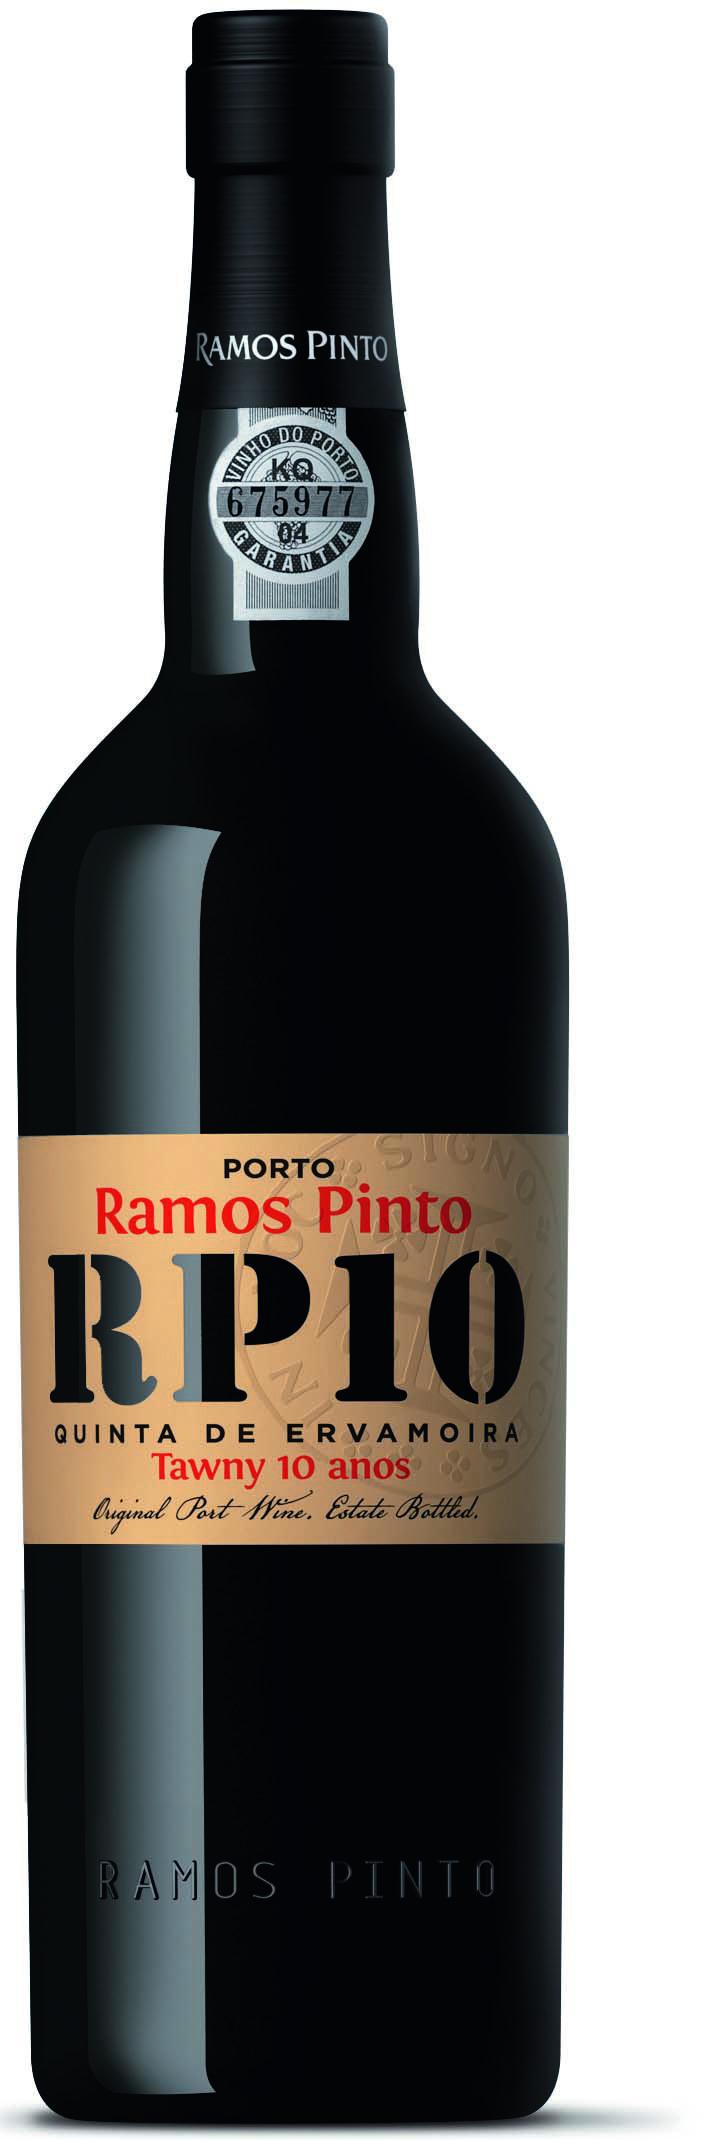 Ramos Pinto Port 10 Jahre Quinta de Ervamoira